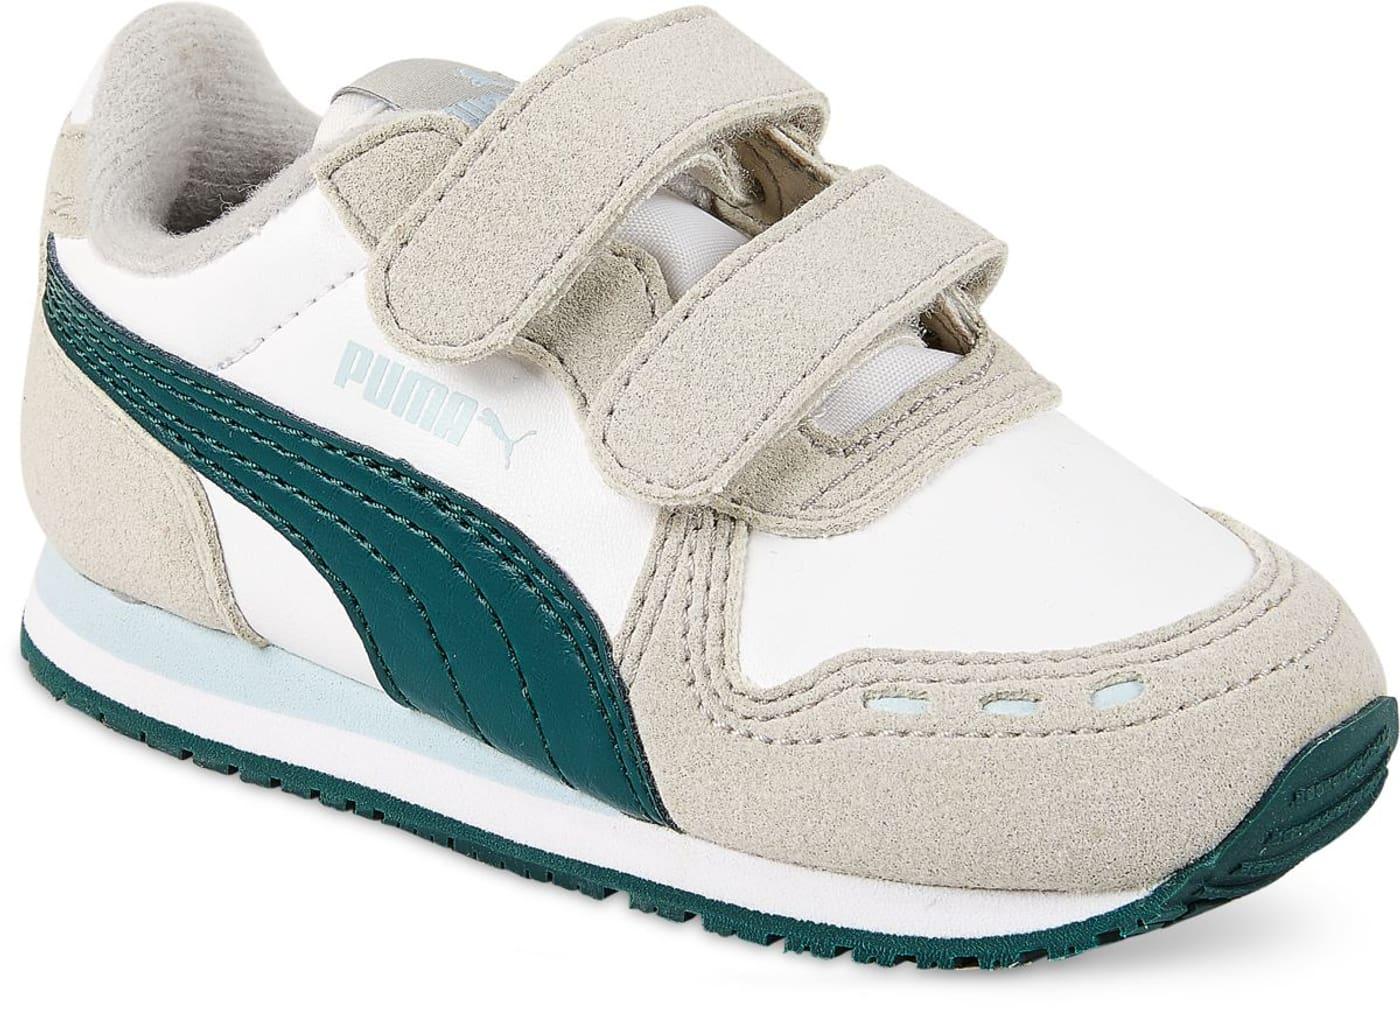 b6625cf93a023 Puma Chaussure pour enfant